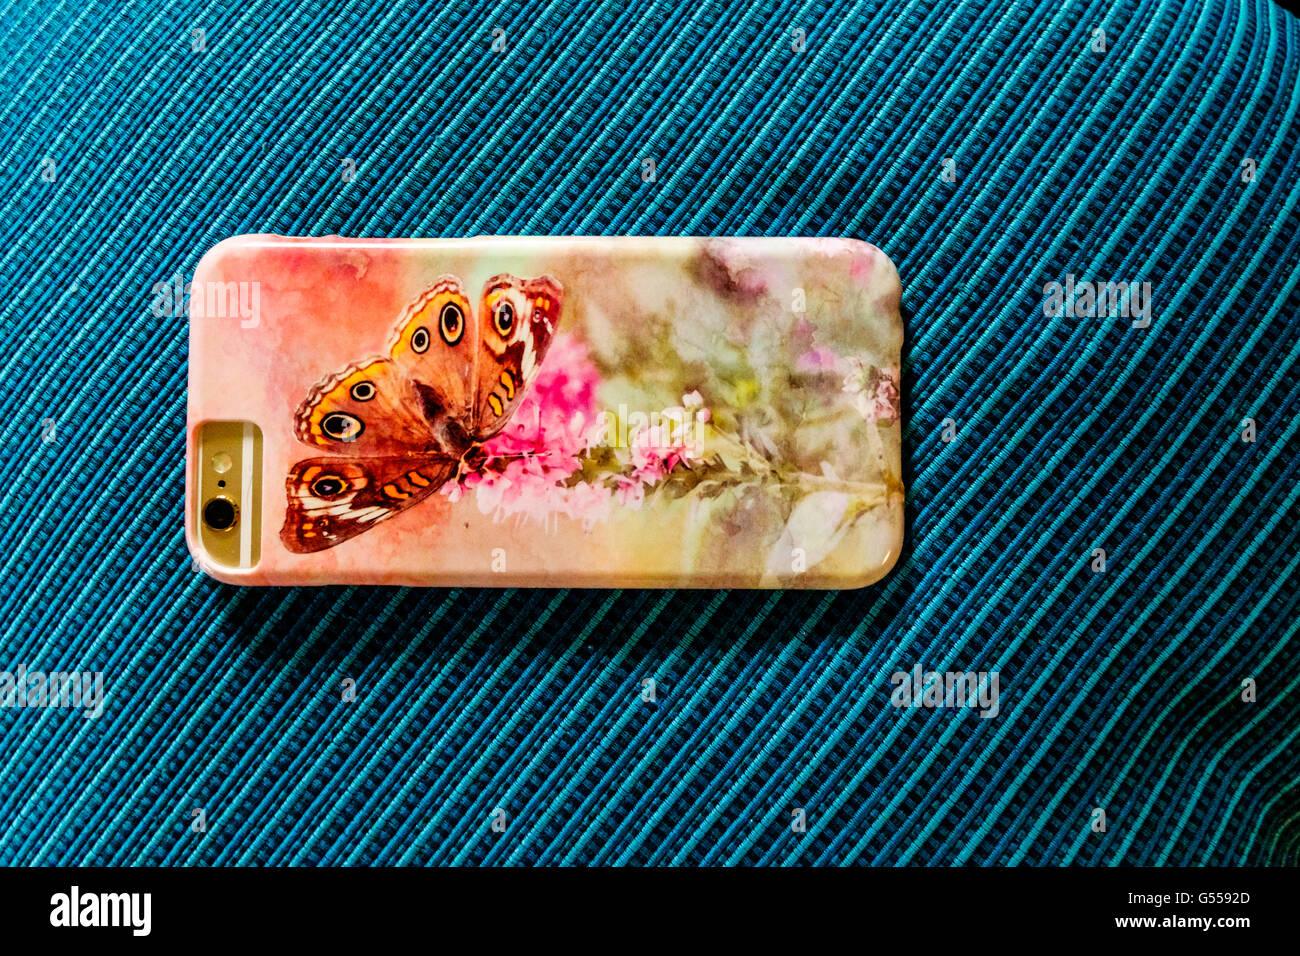 Una funda de teléfono personalizado para el iPhone 6s. Fondo turquesa, EE.UU.. Imagen De Stock